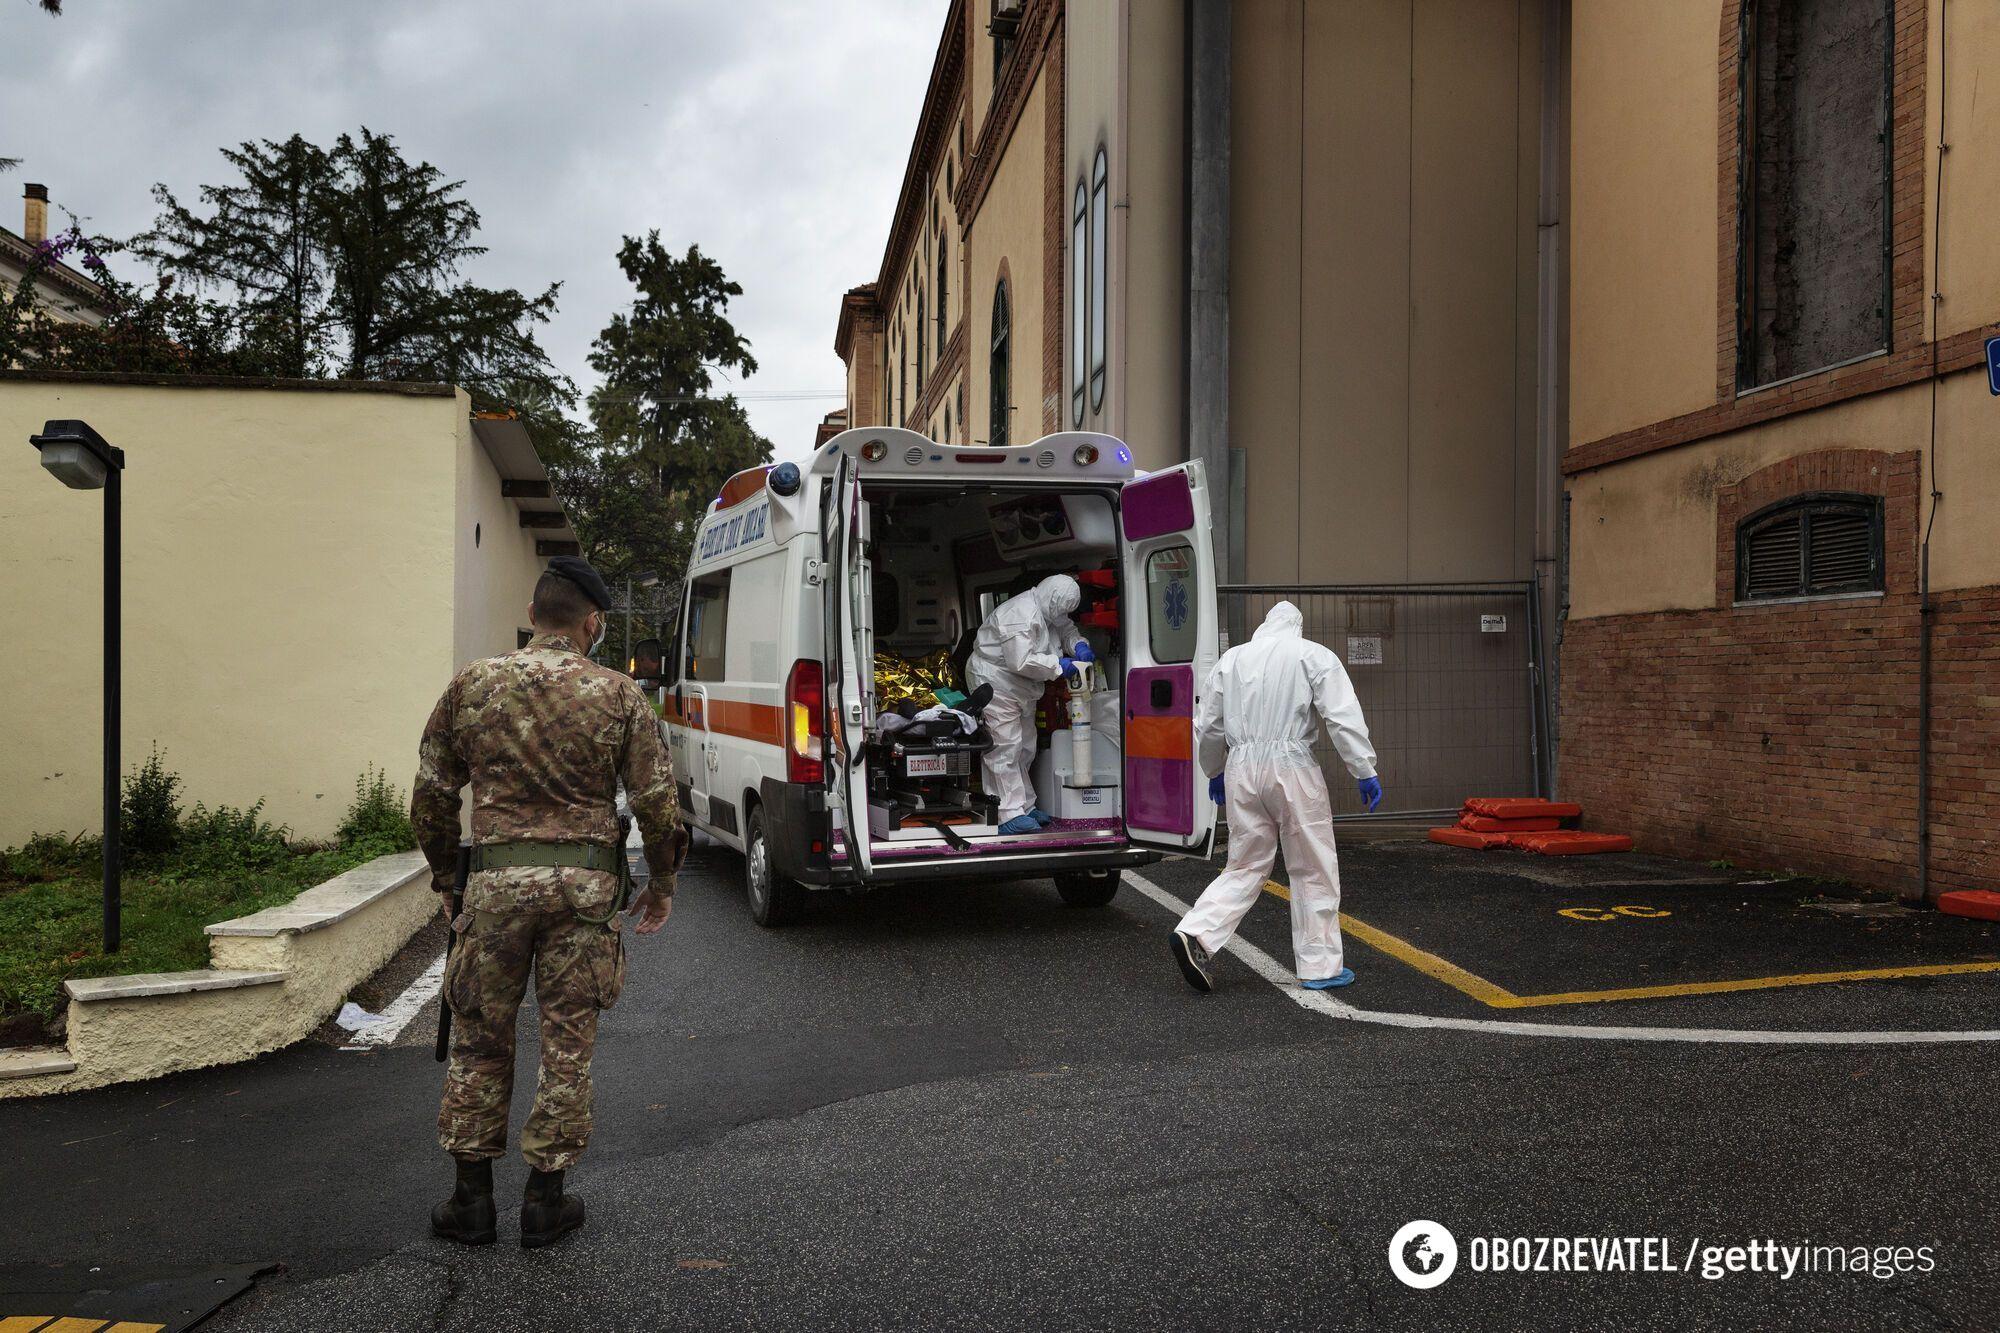 Италия ввела новые правила карантинного зонирования регионов